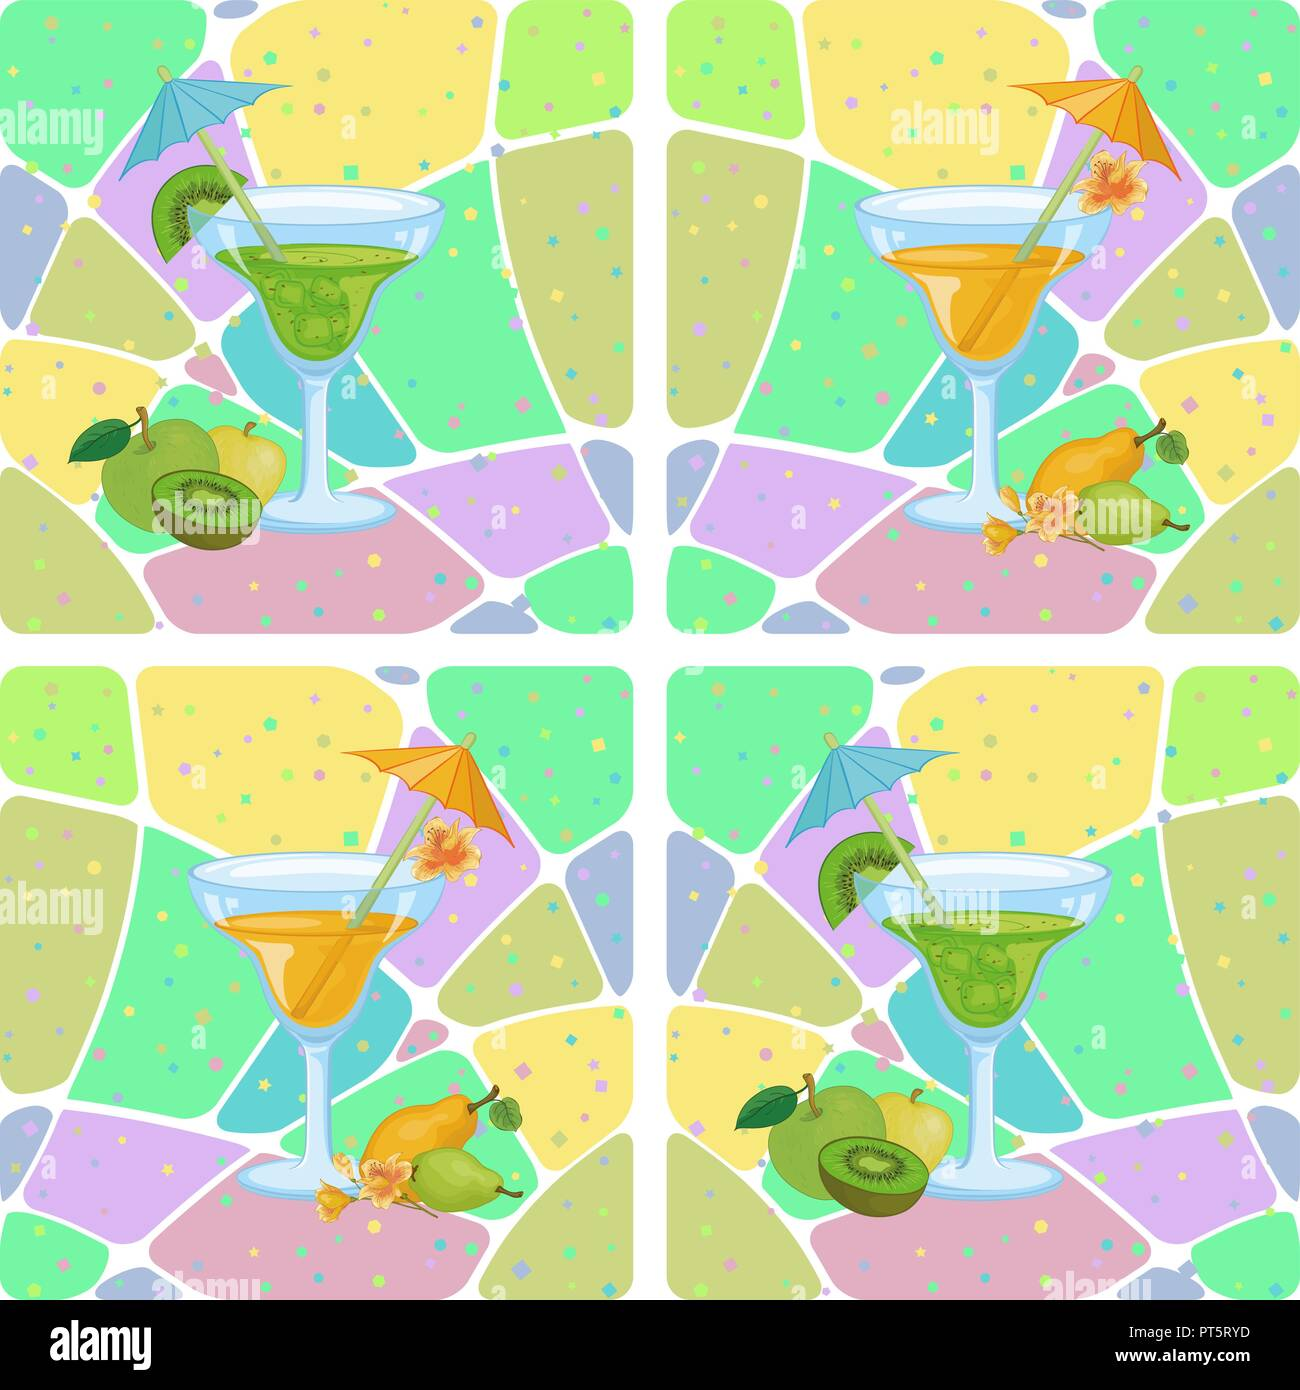 Antecedentes sin fisuras, vasos con bebida y fruta, manzanas, Kiwis, peras y patrones abstractos. Eps10, contiene transparencias. Vector Imagen De Stock